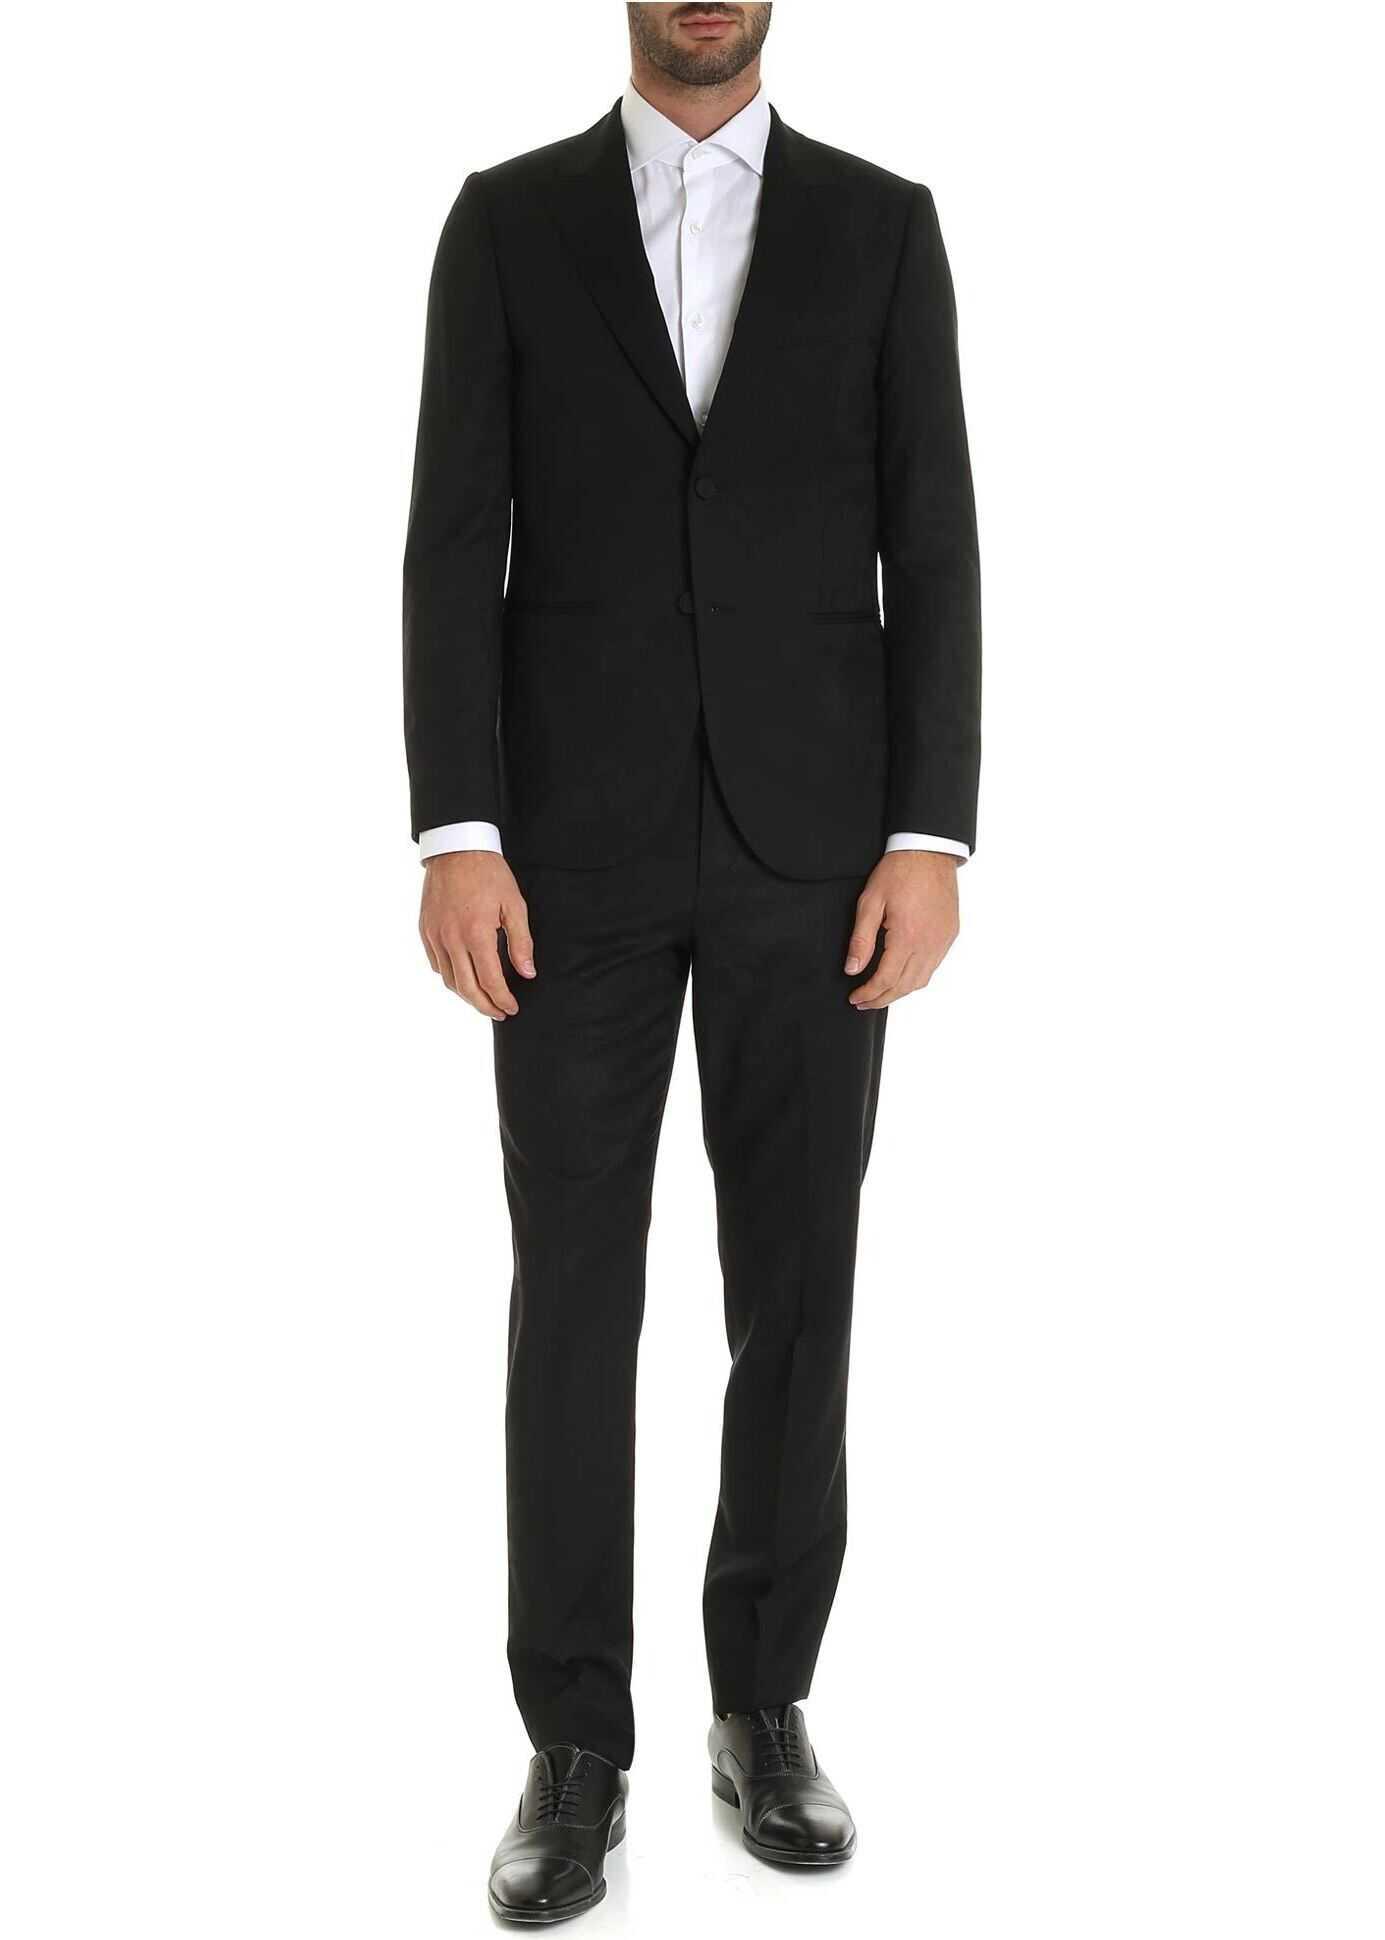 Tone-On-Tone Prints Suit In Black thumbnail